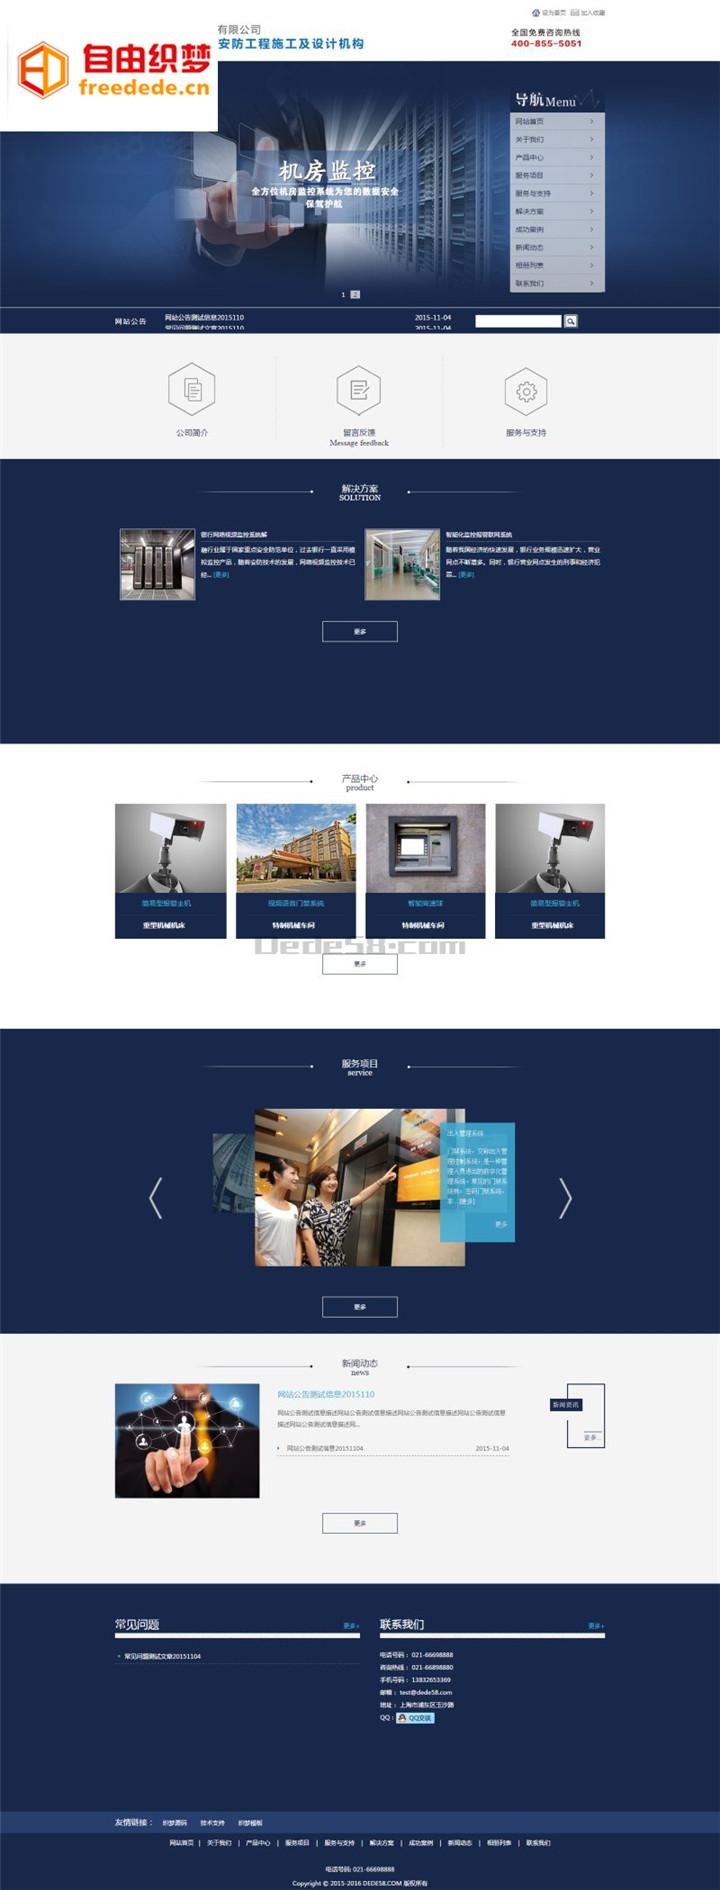 爱上源码网文章电子监控机械电子类企业网站织梦模板营销型整站源码下载的内容插图